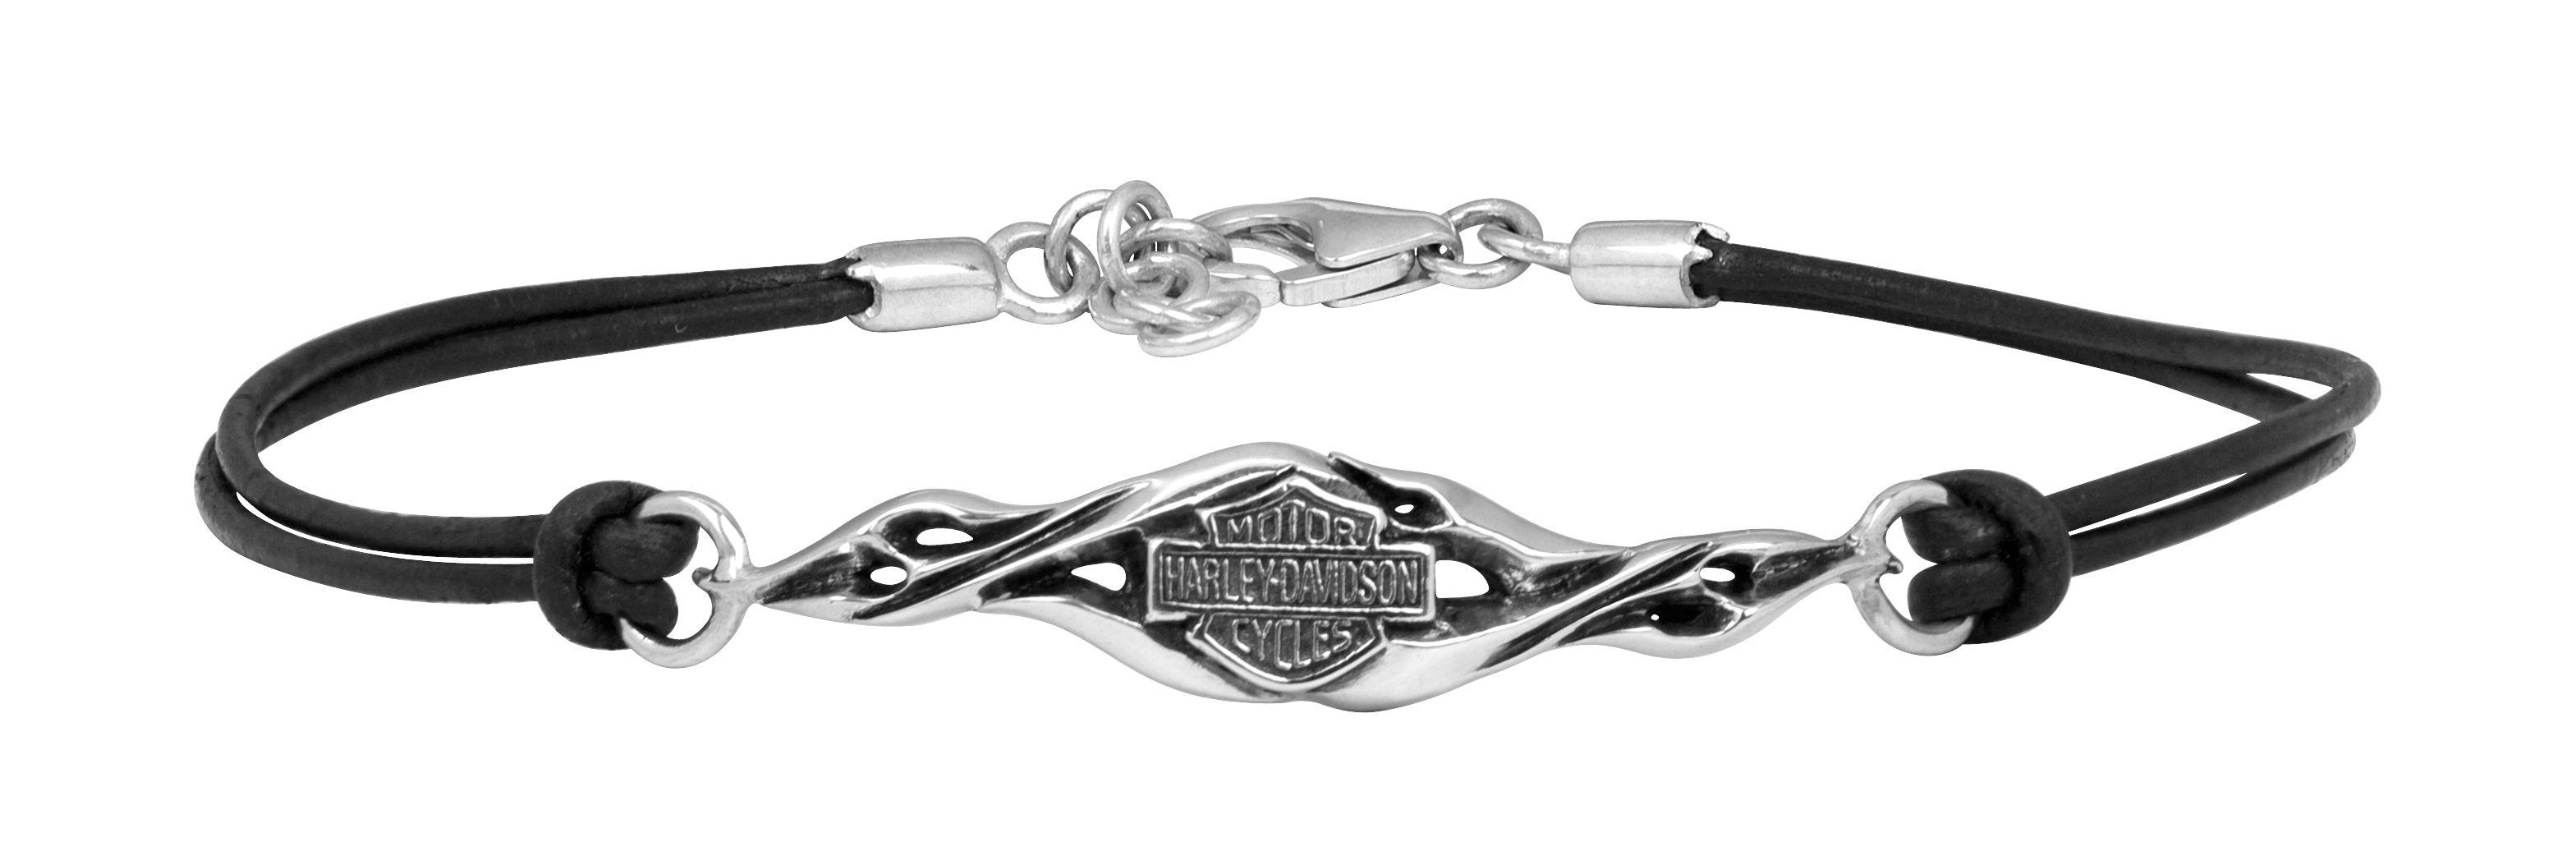 HarleyDavidson® Sterling Silver & Black Leather Flame